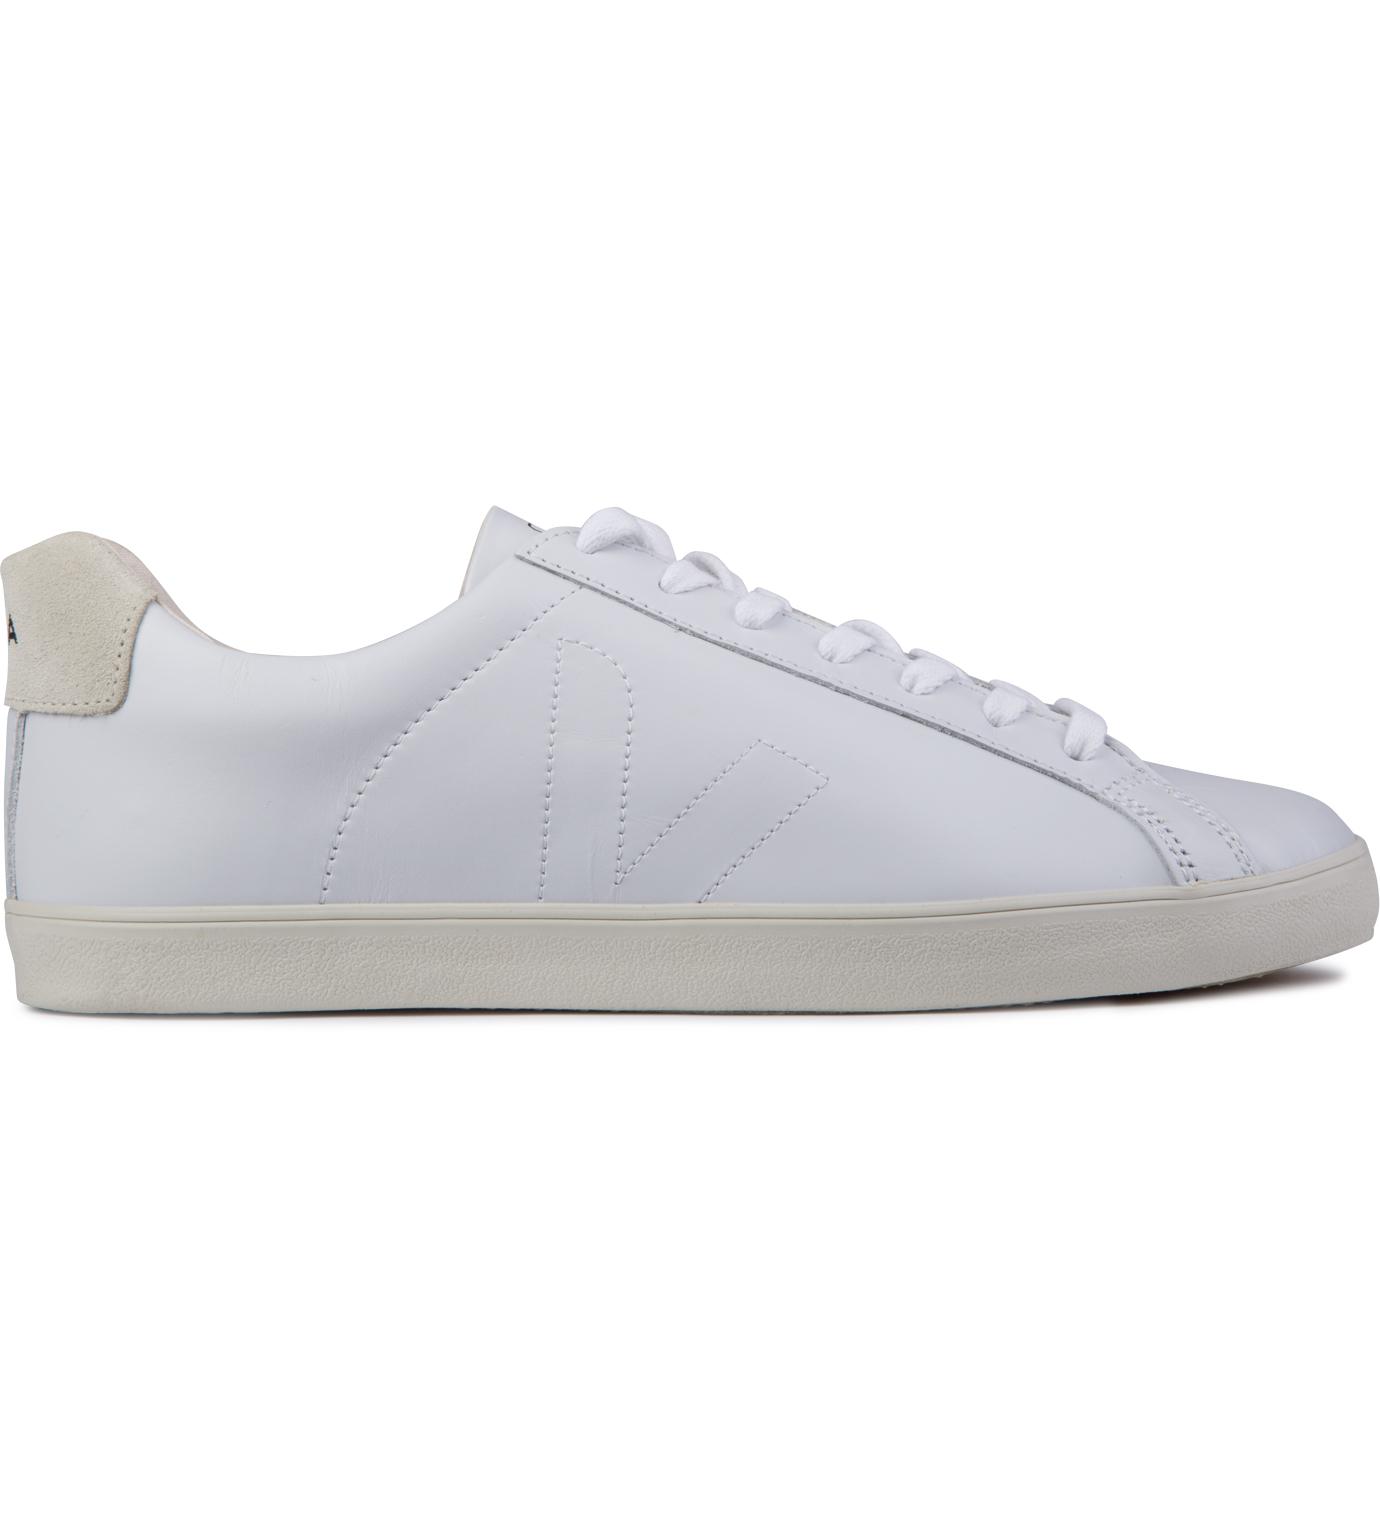 VEJA Extra White Esplar Leather Shoes